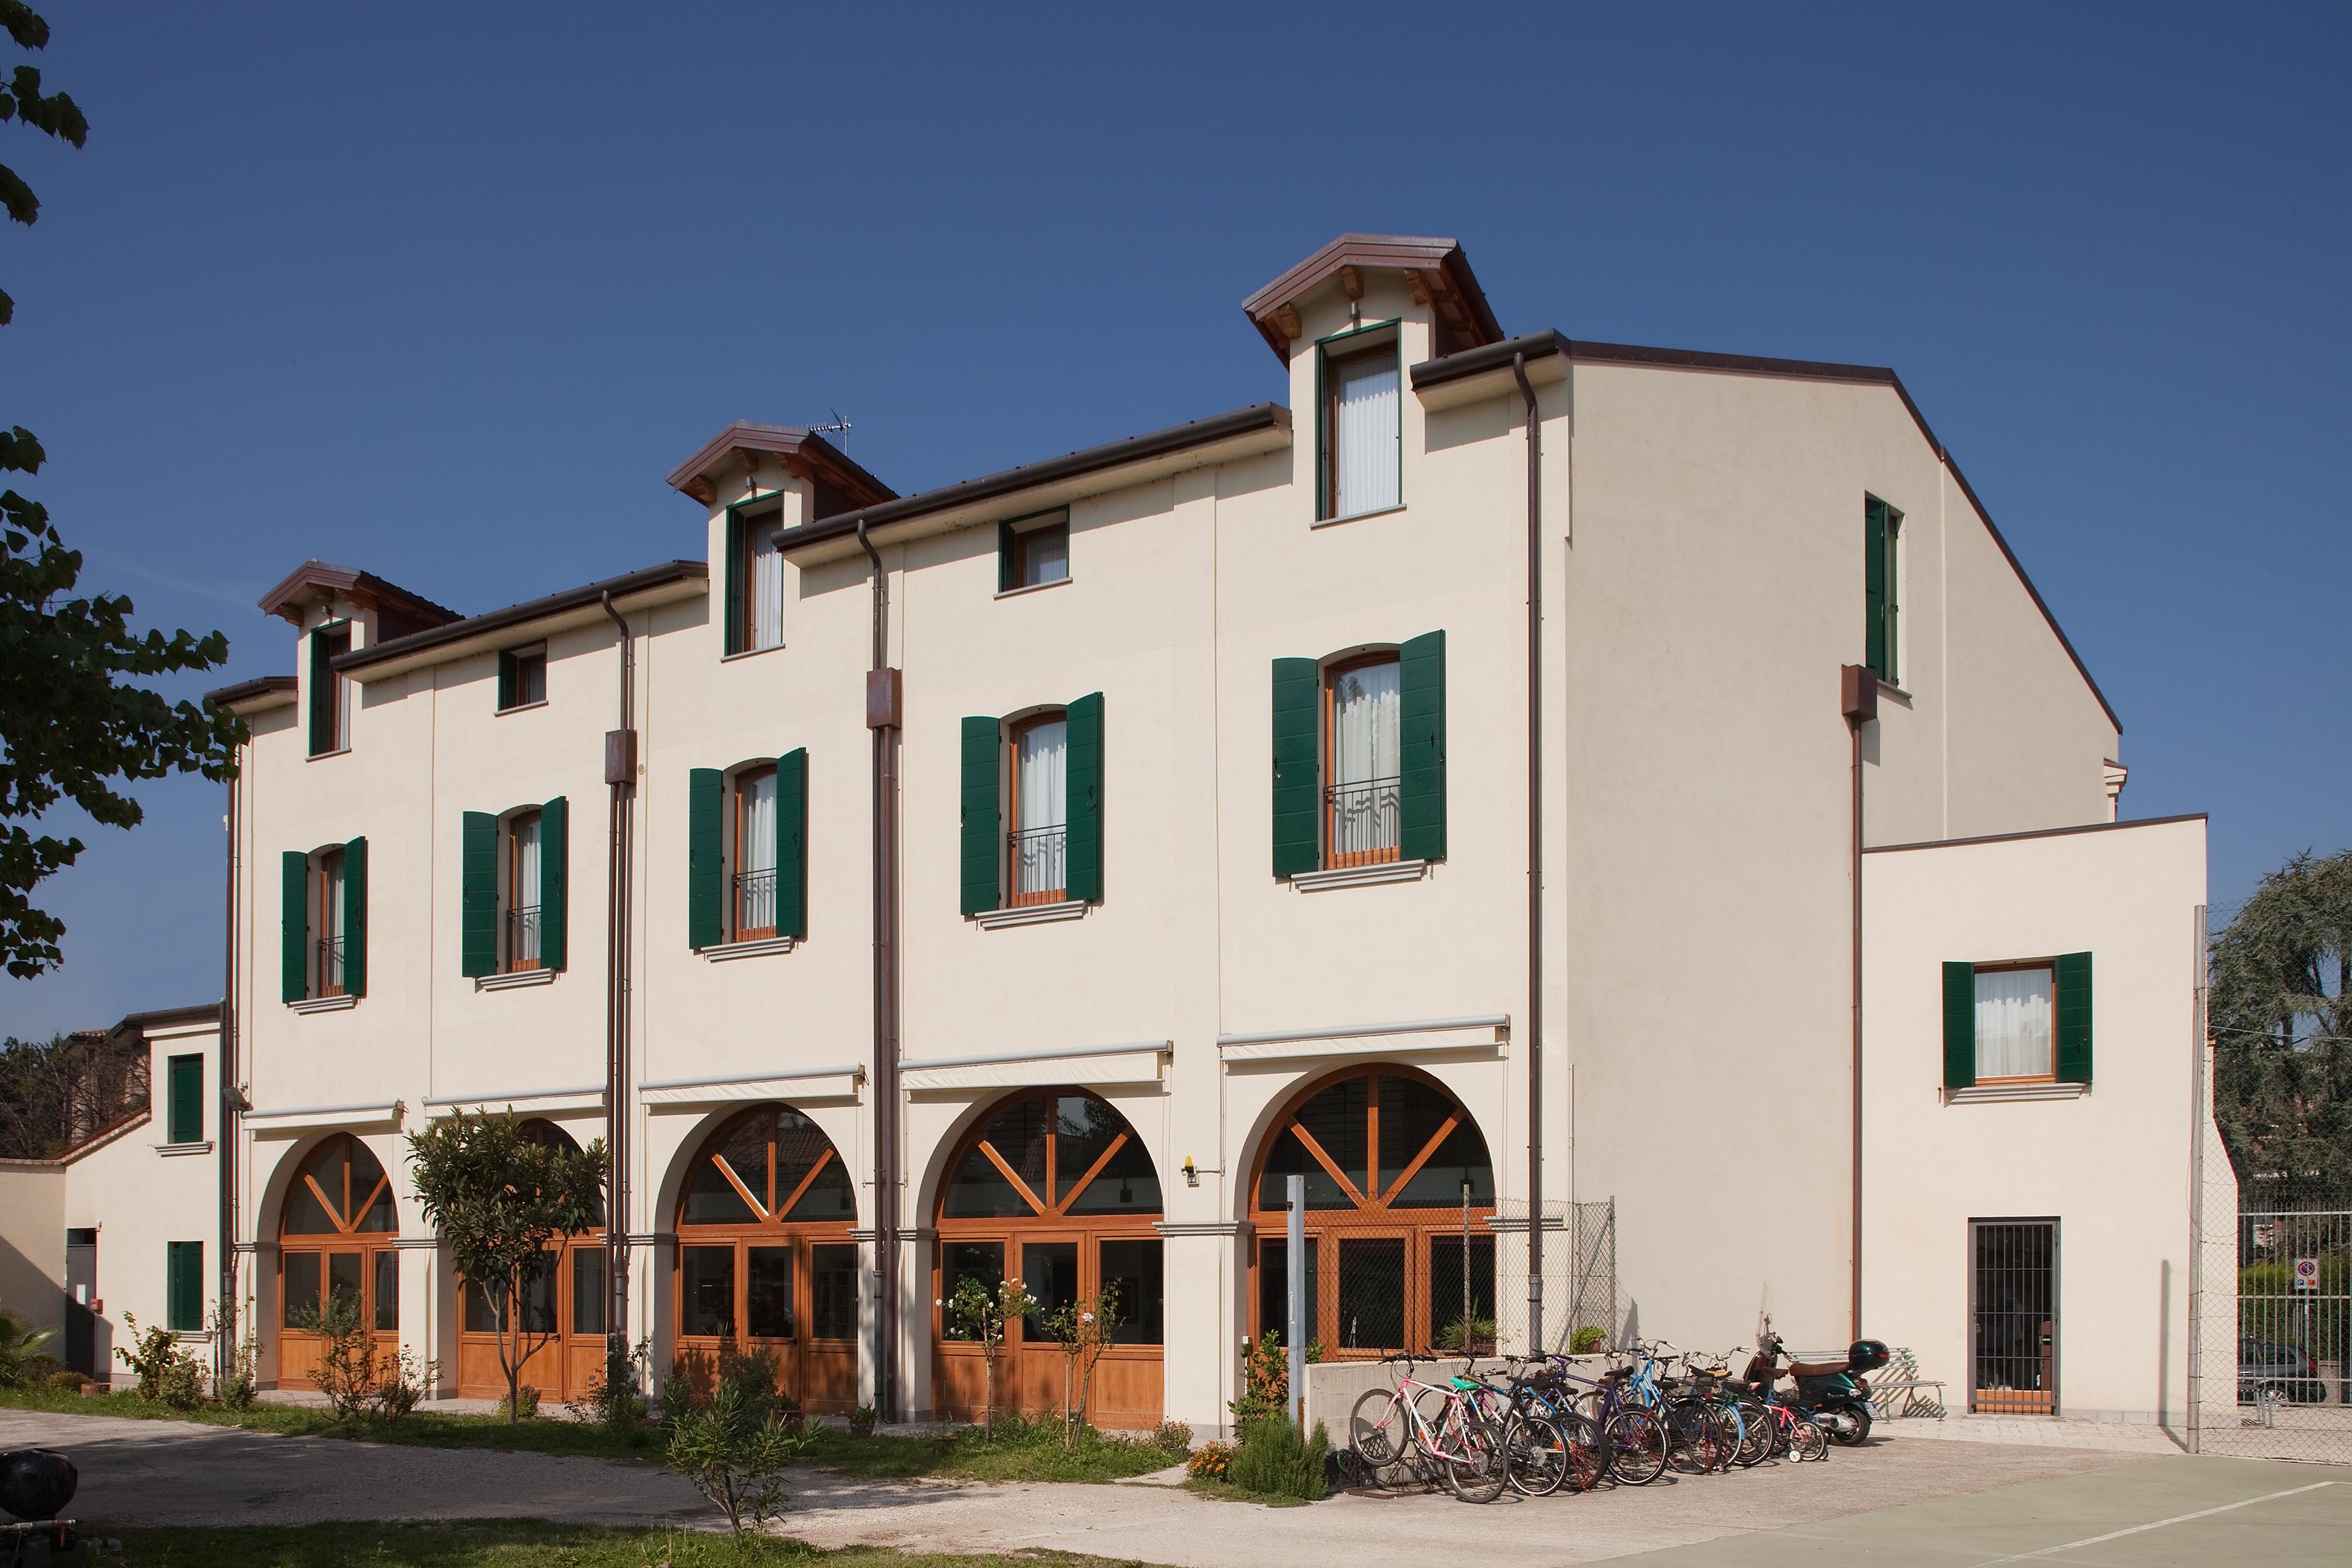 casa porta biciclette_6291